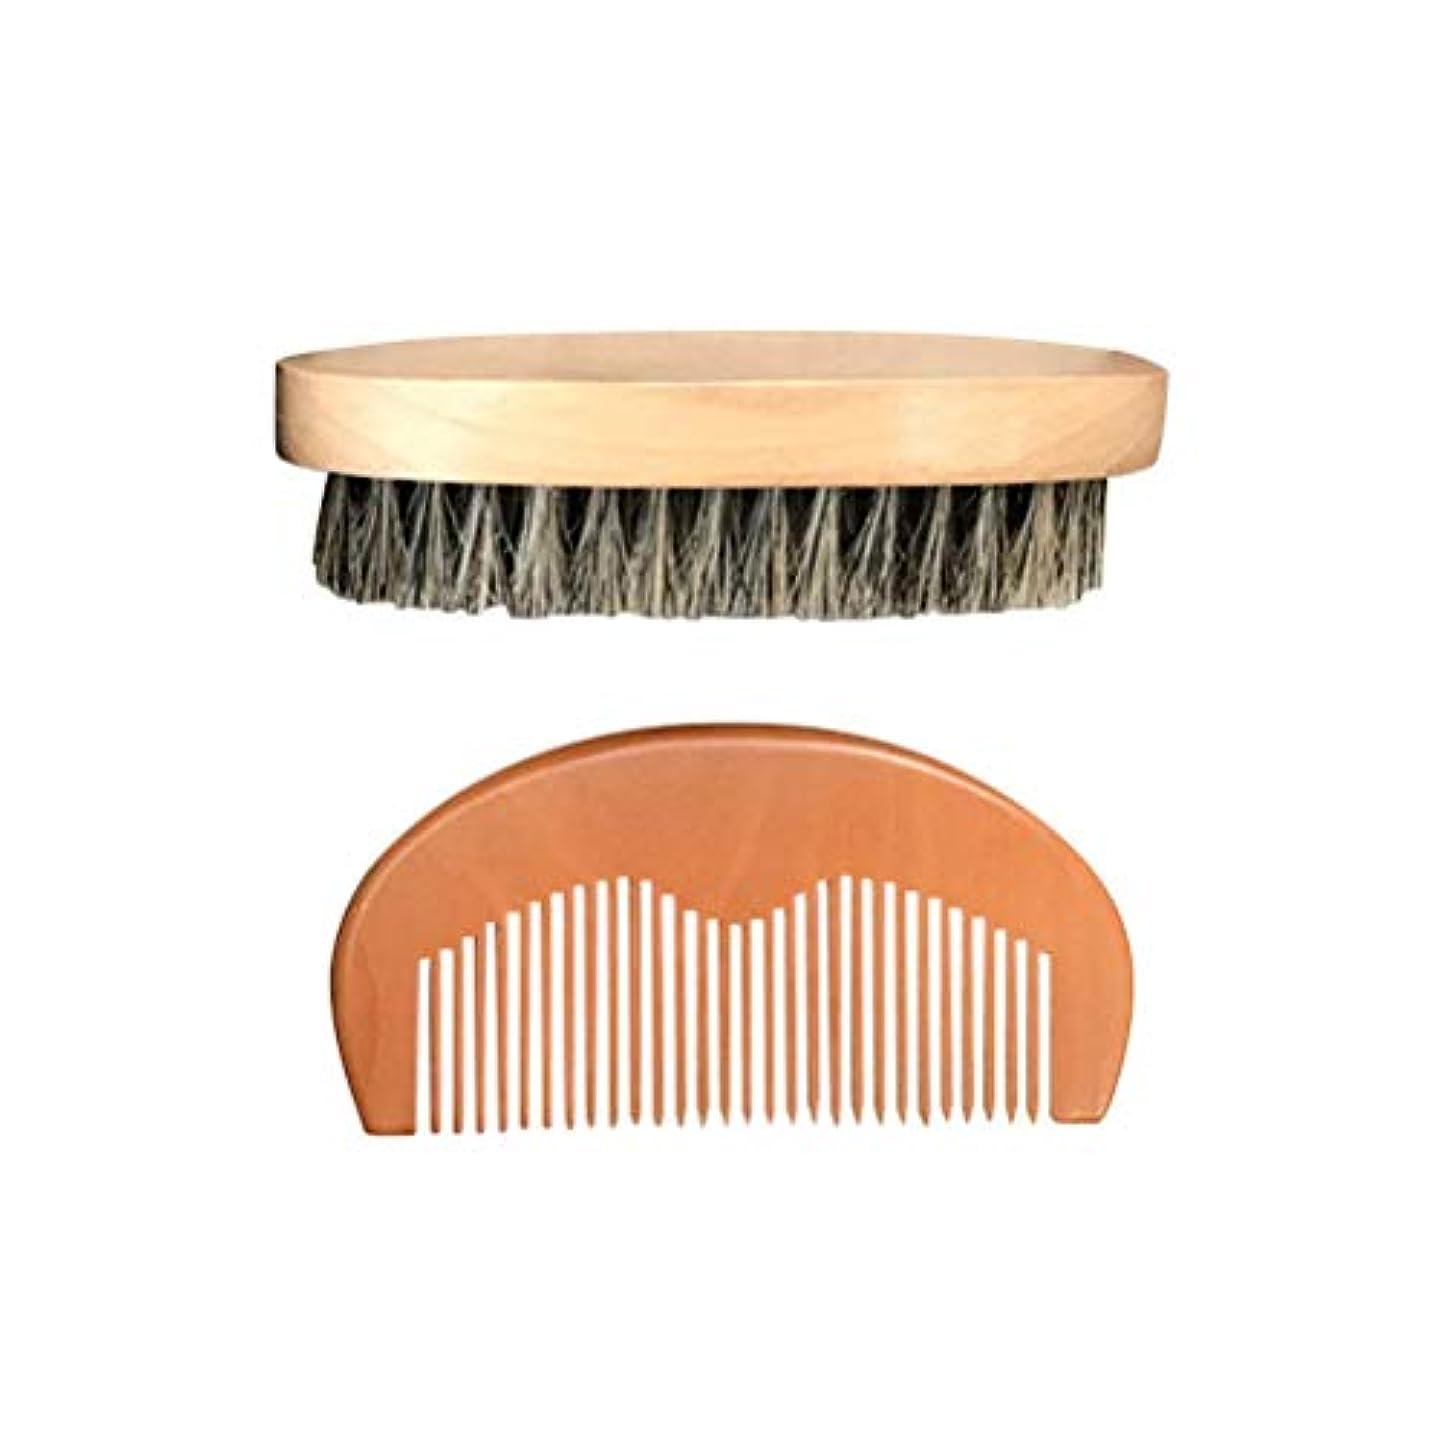 散歩買い手残酷なSUPVOX 2本の木製のひげの櫛およびブラシのキットの口ひげの櫛のひげのグルーミングブラシ